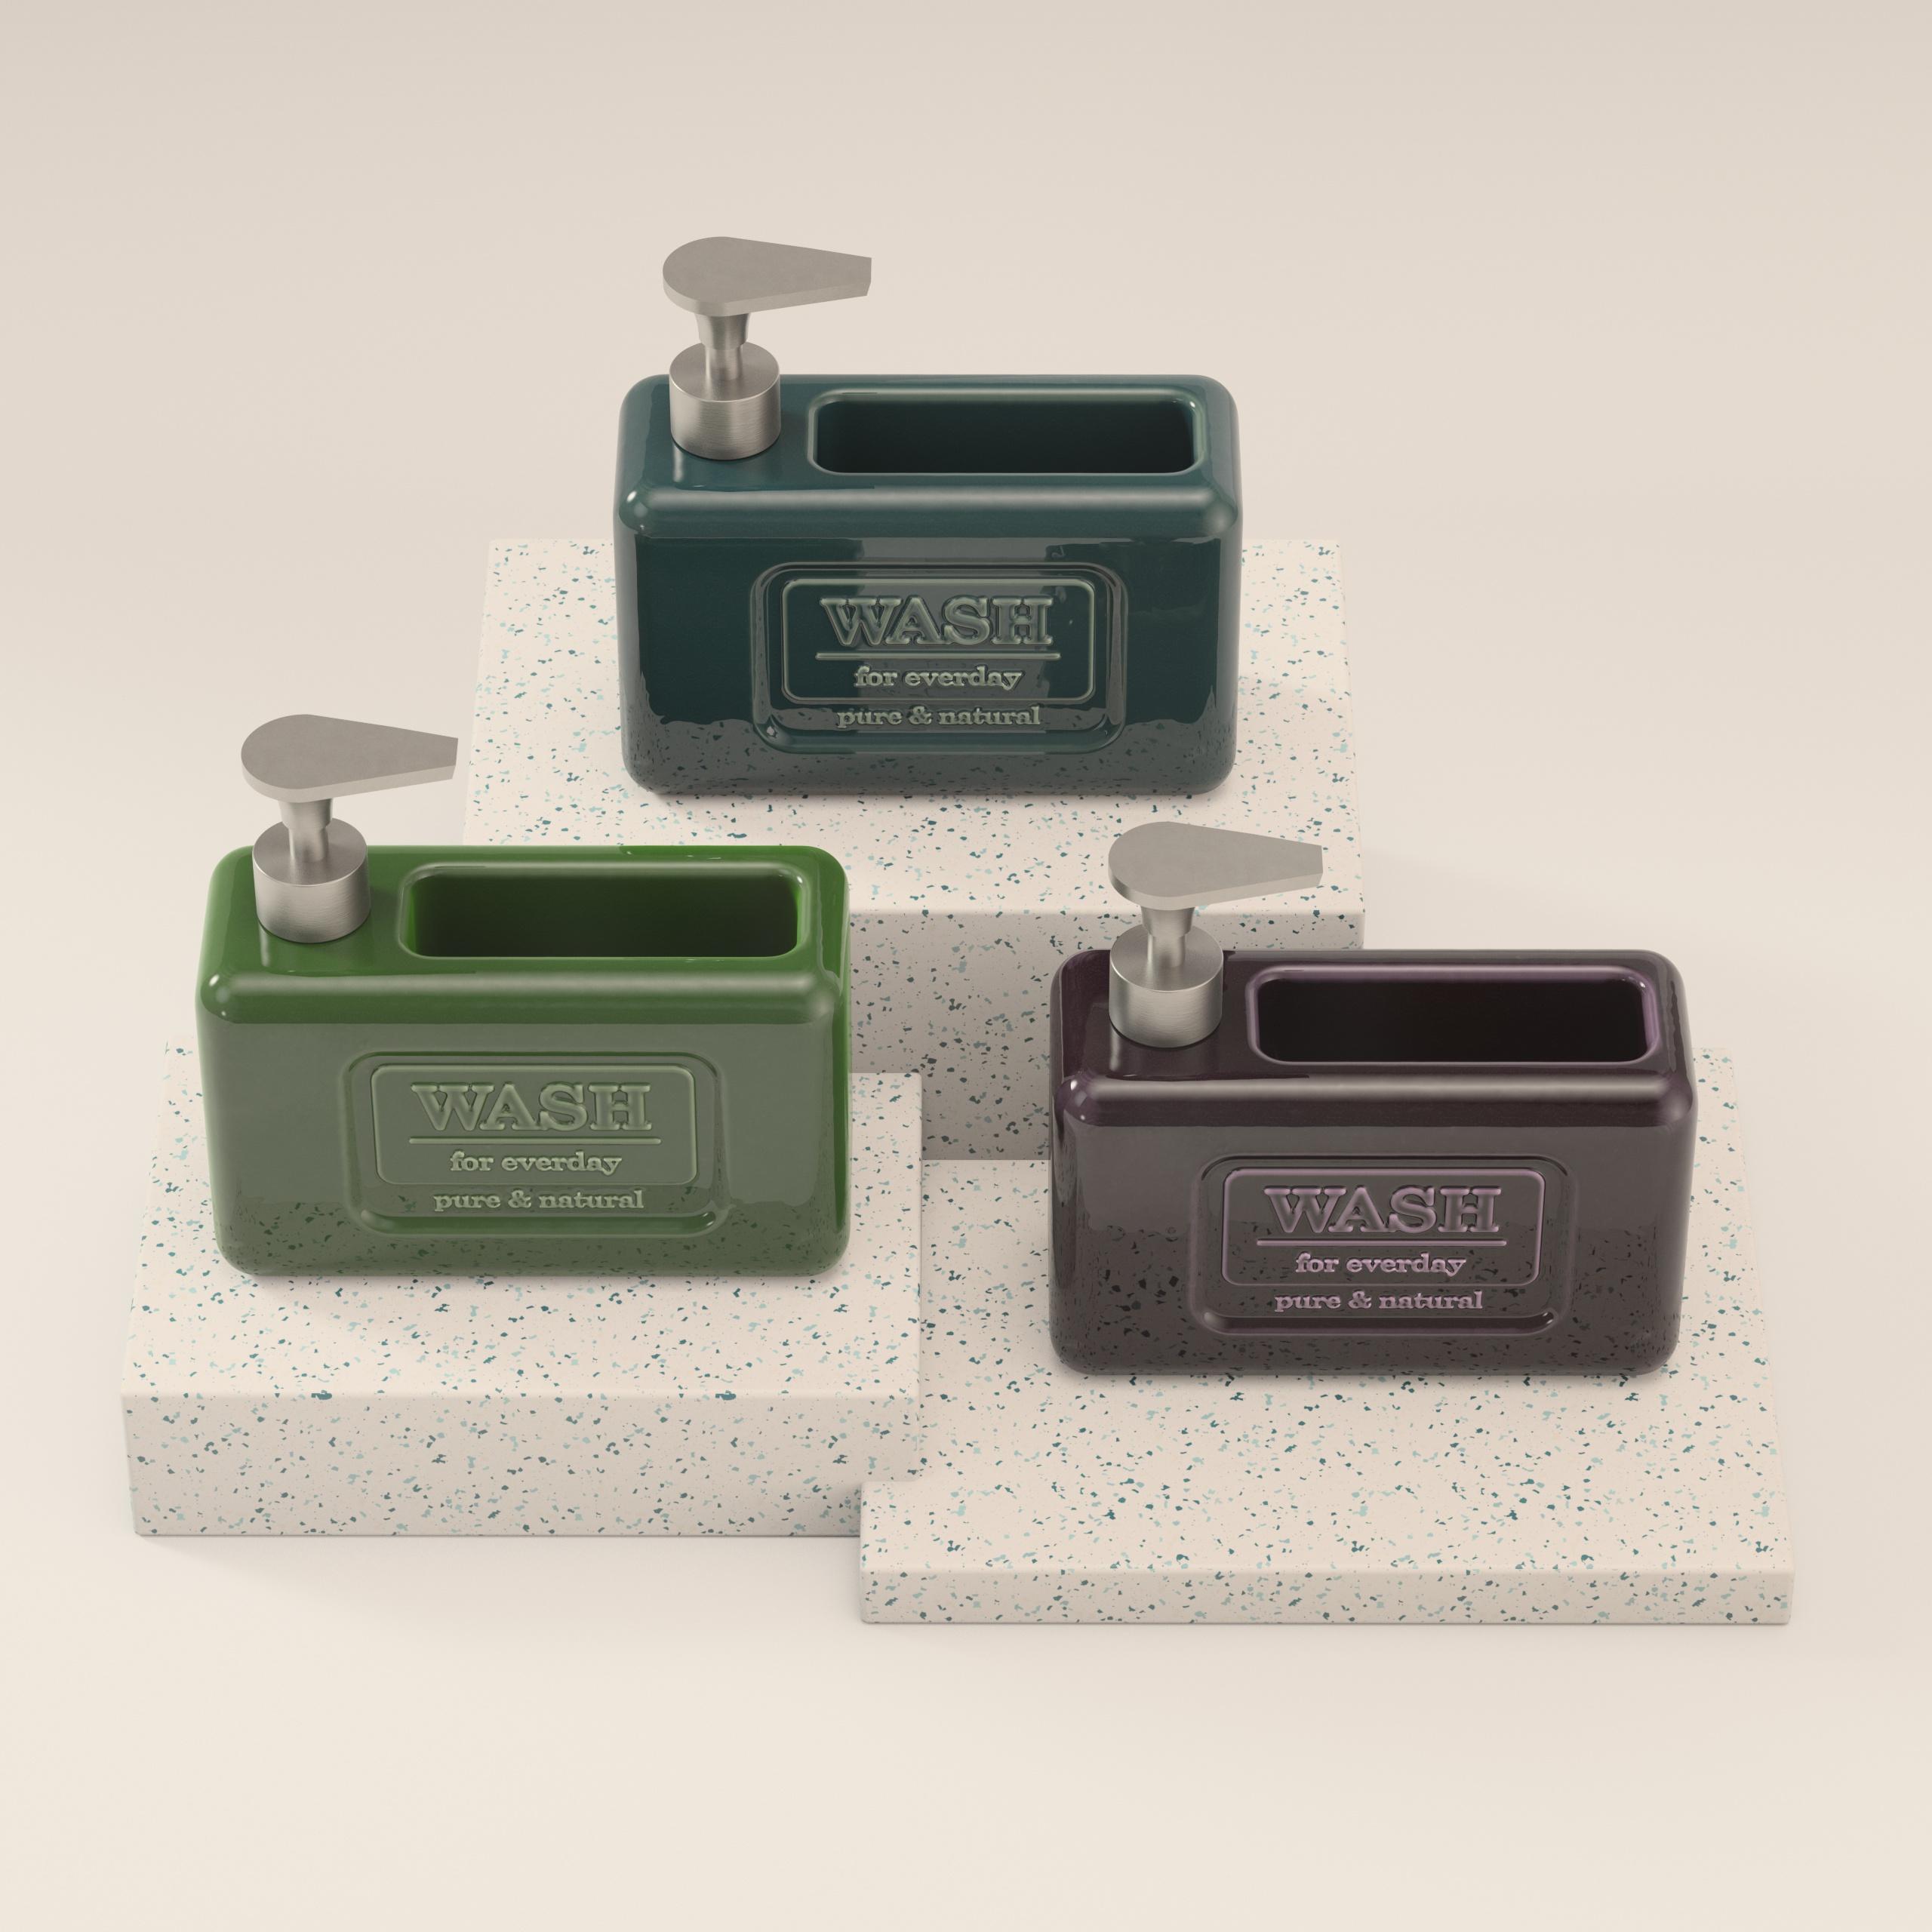 Zara Soap Dispenser_Groups_2021-01-19_2_